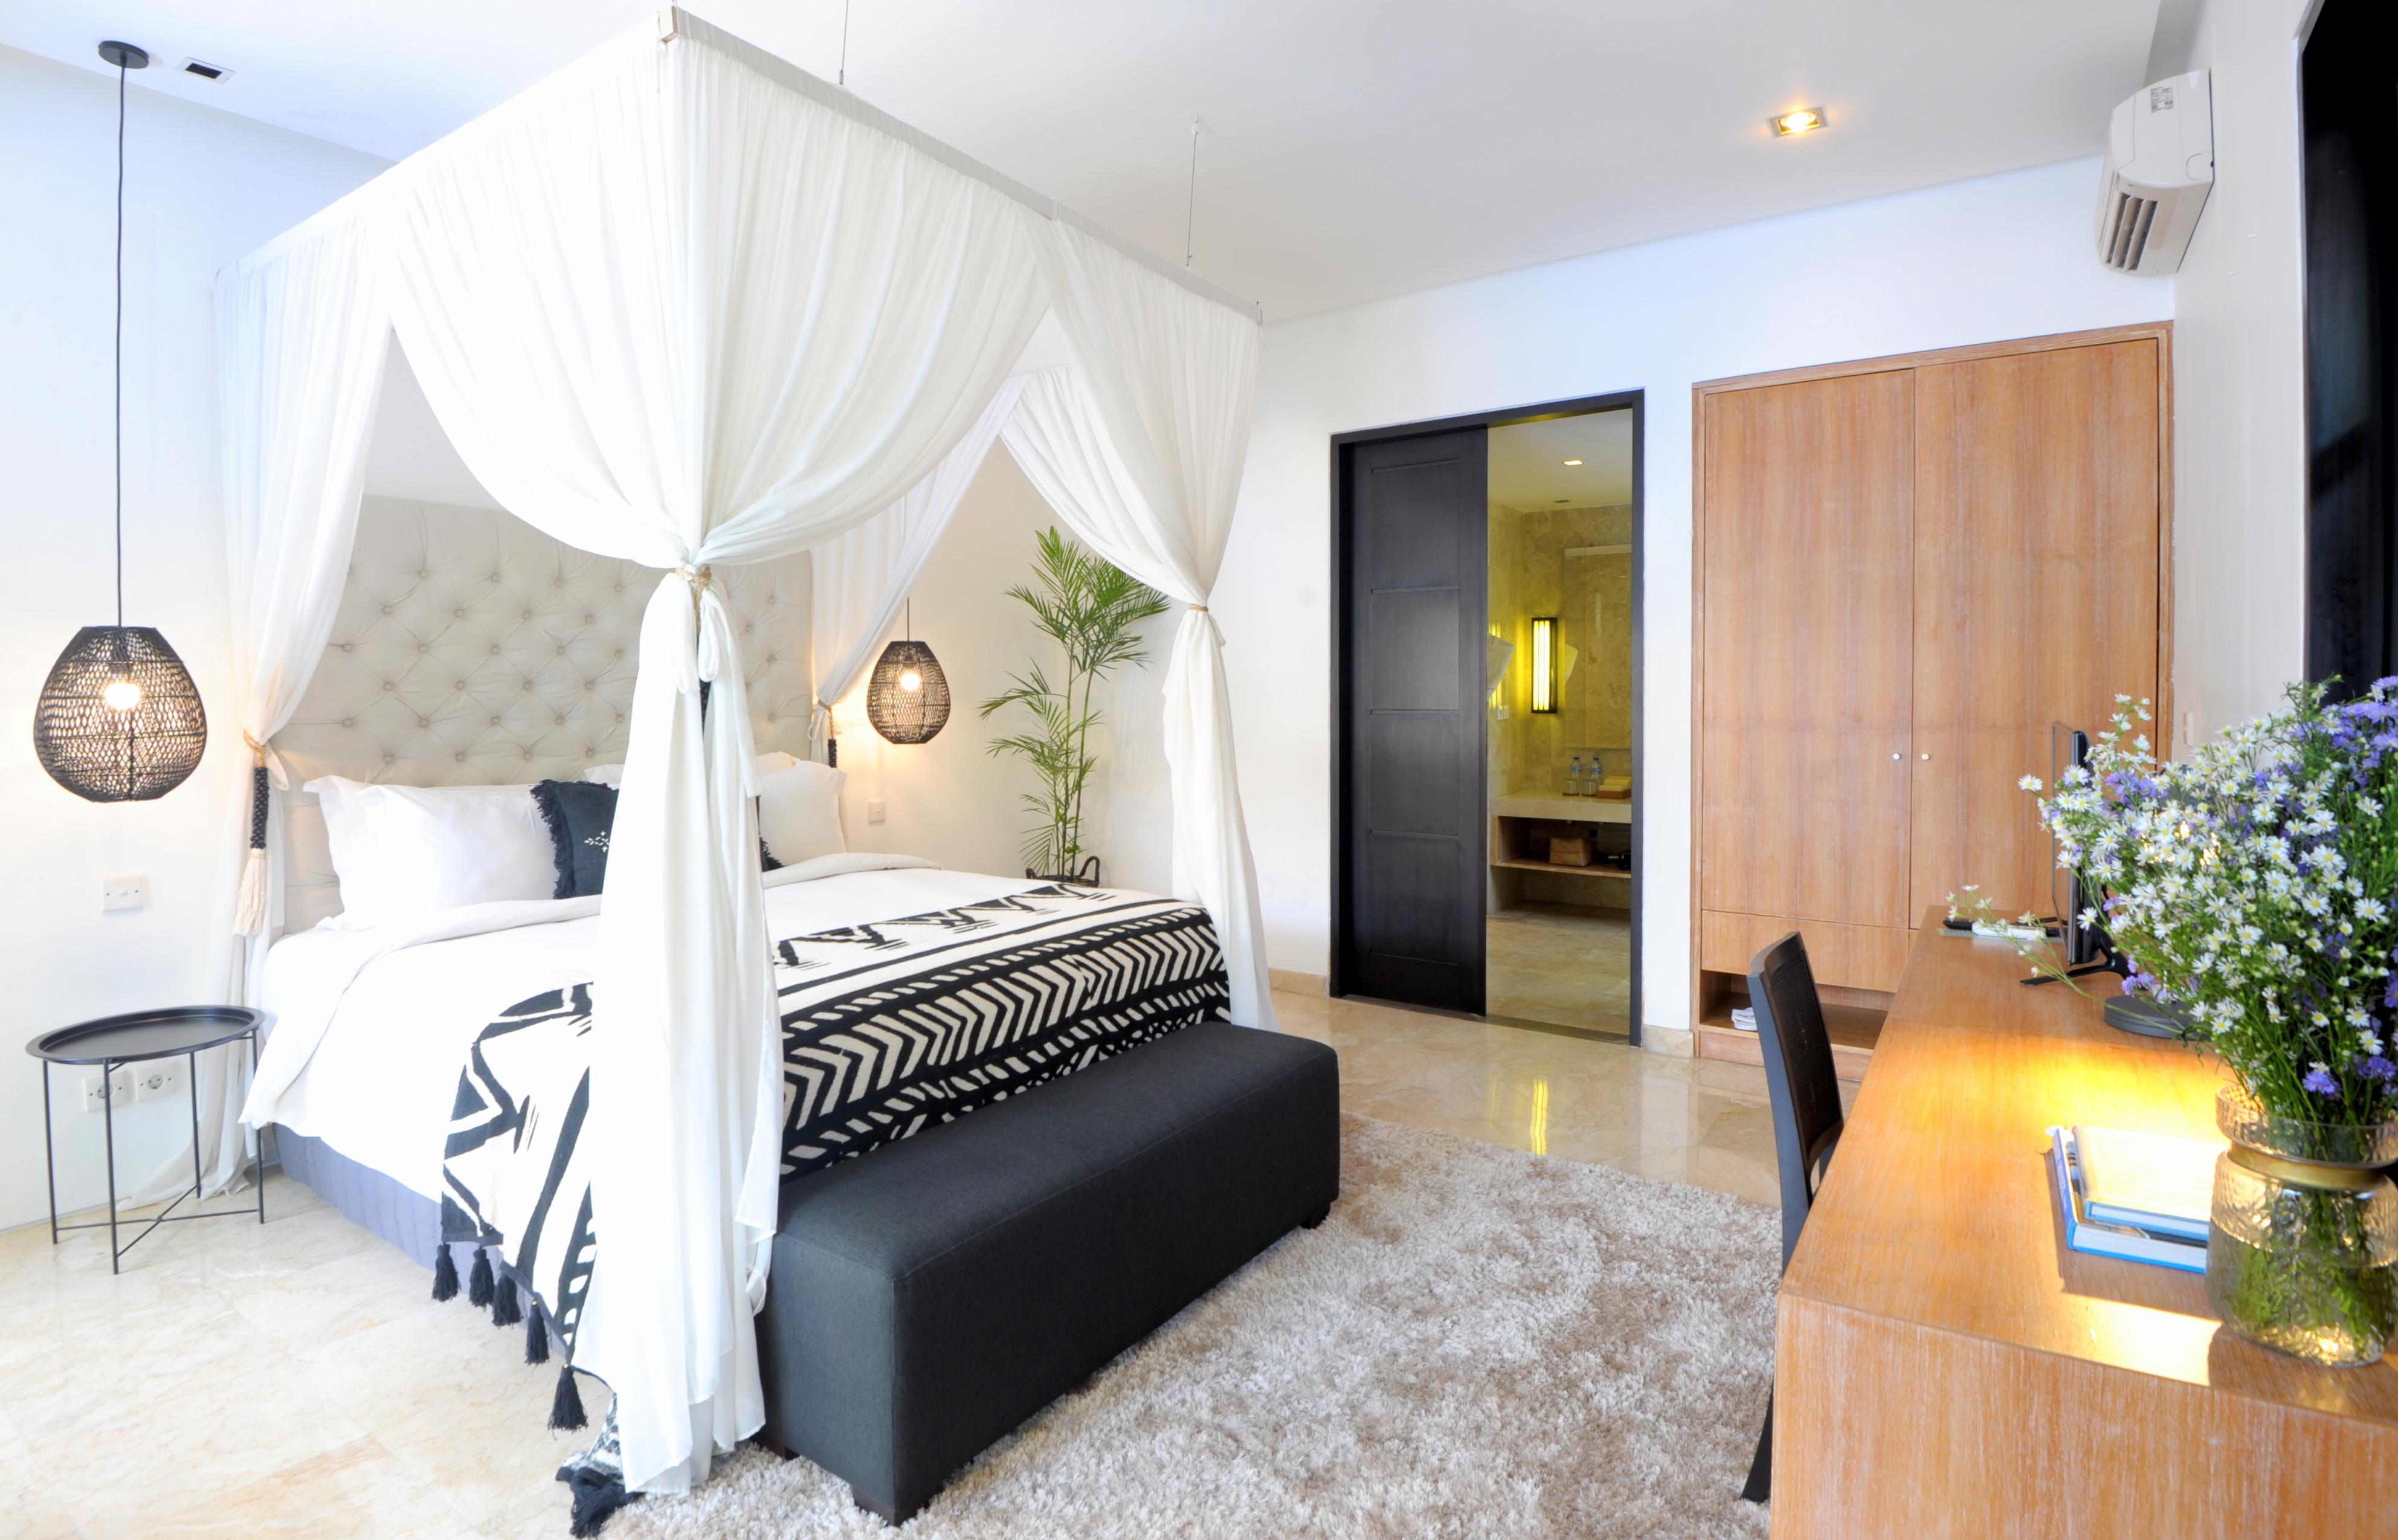 STD Double Room